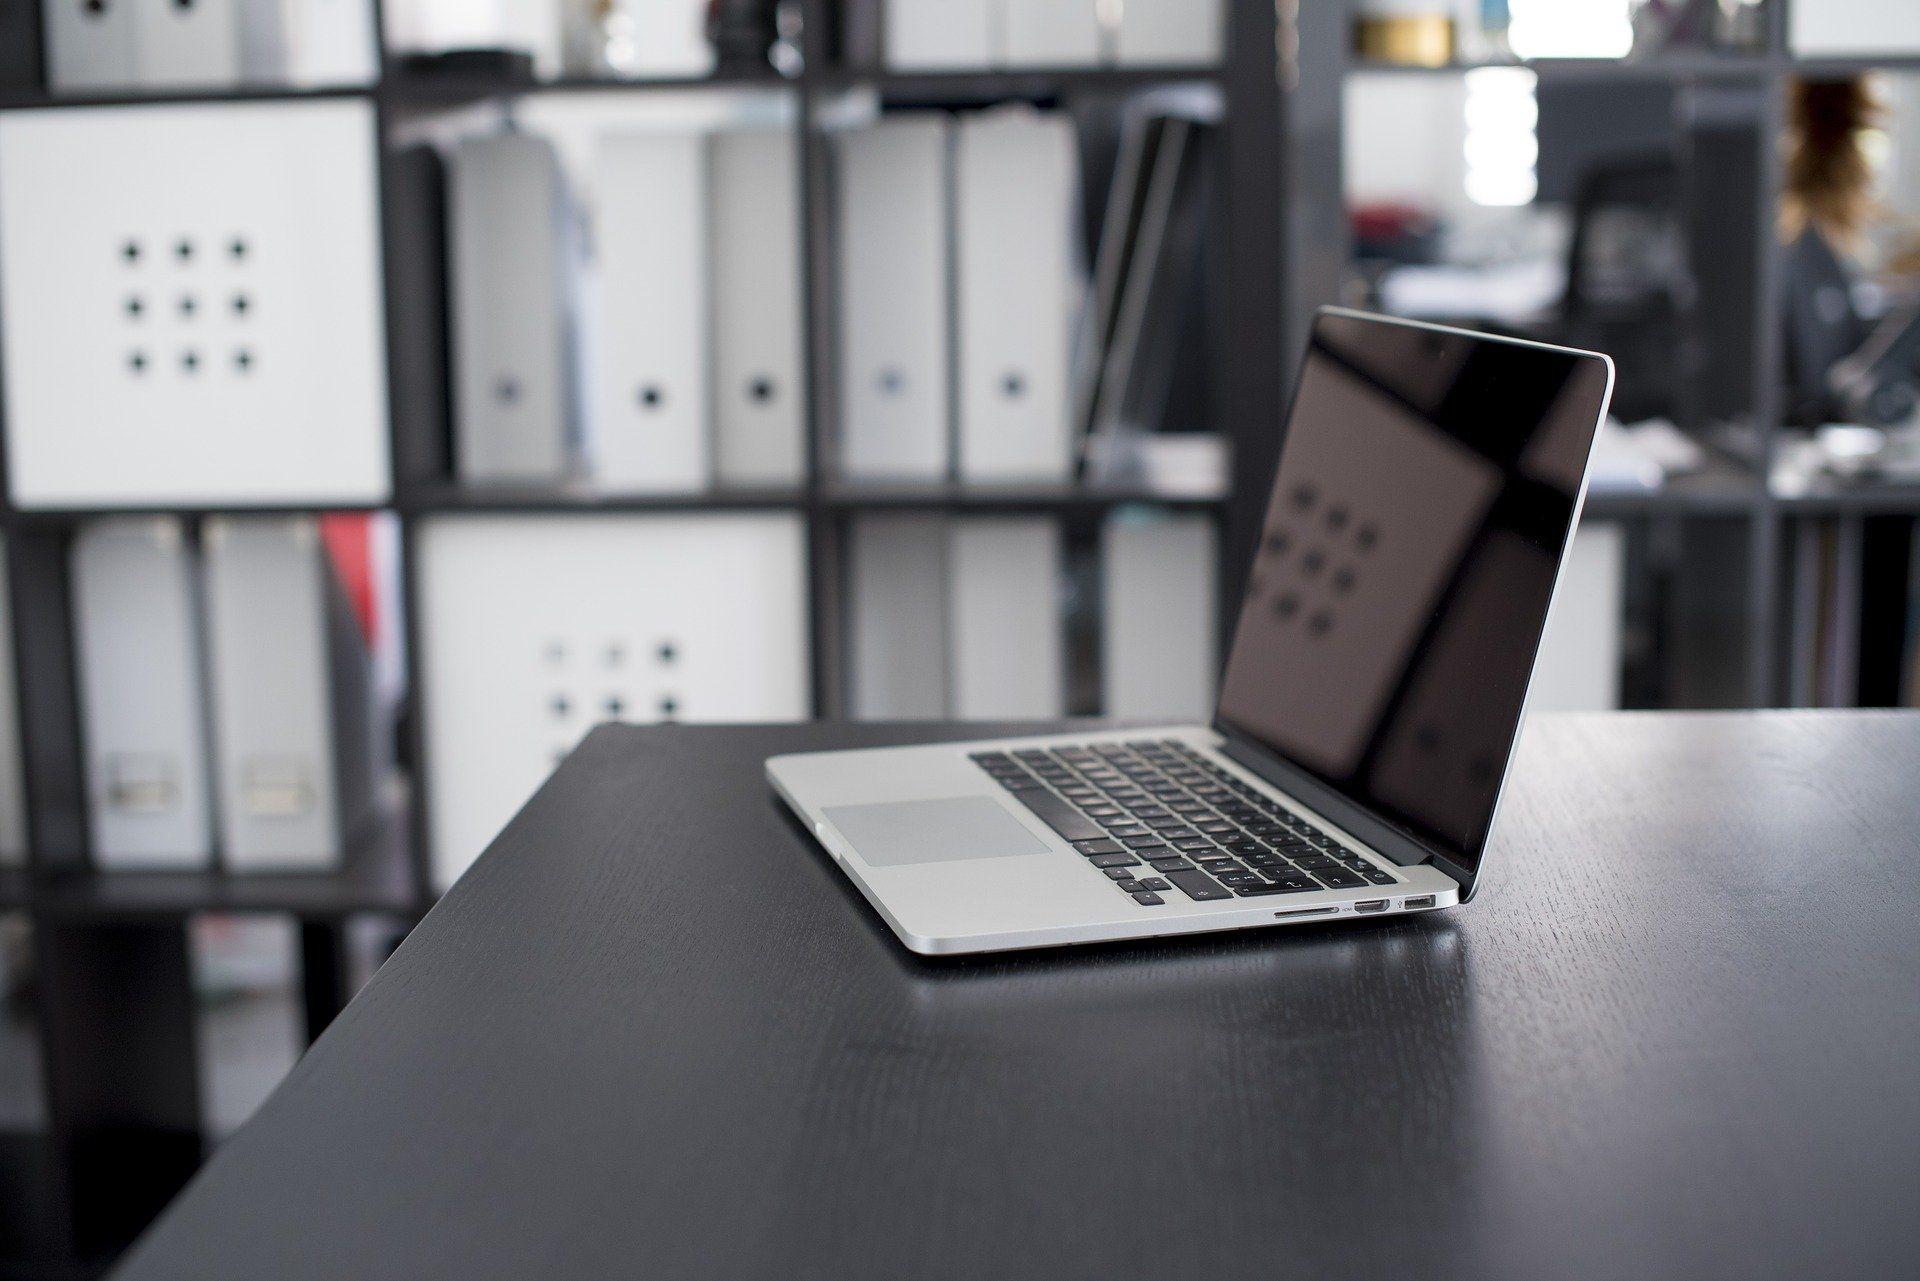 Servicii Arhivare - Arhivare si indexare electronica a documentelor